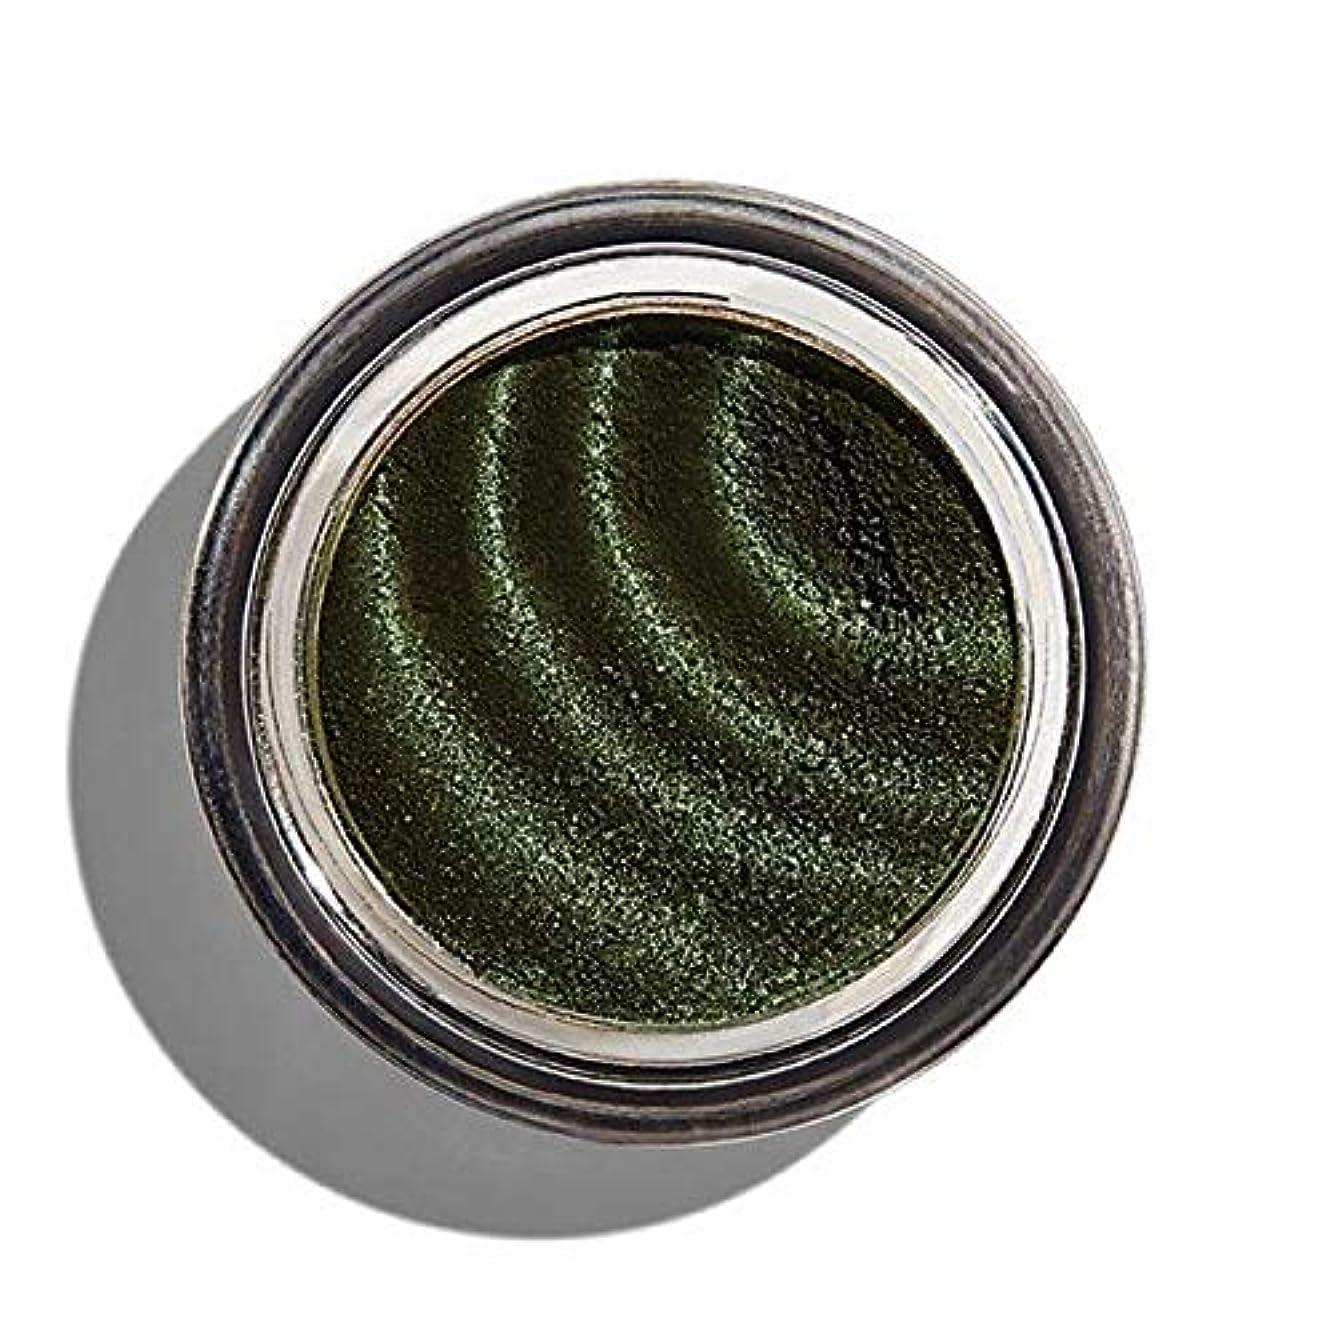 カヌー背骨匹敵します[Revolution ] 化粧回転磁化のアイシャドウグリーン - Makeup Revolution Magnetize Eyeshadow Green [並行輸入品]